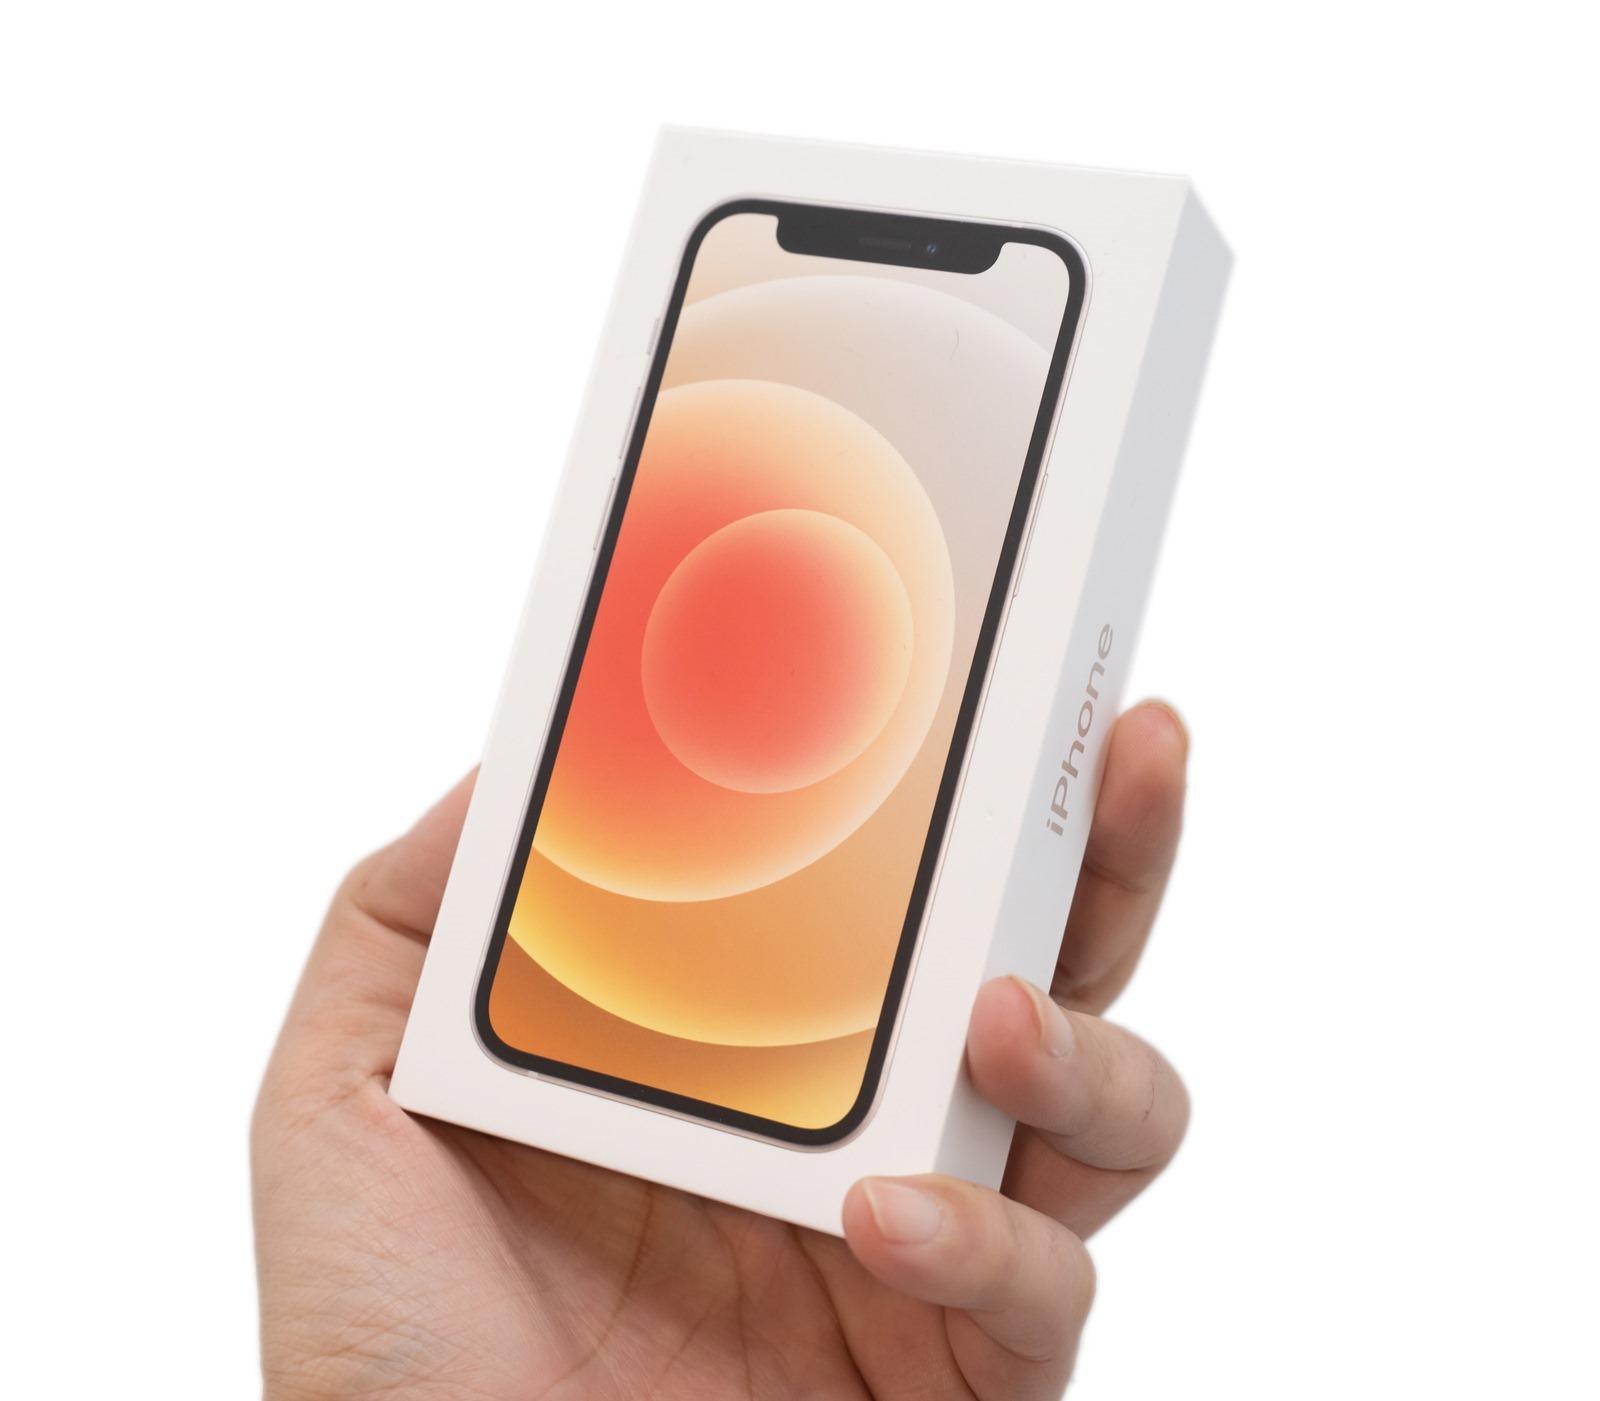 蘋果最輕最巧 iPhone 12 Mini 開箱!單手掌握最佳旗艦就是它!(Apple iPhone 12 Mini 白色機) + 性能電力/充電實測 @3C 達人廖阿輝